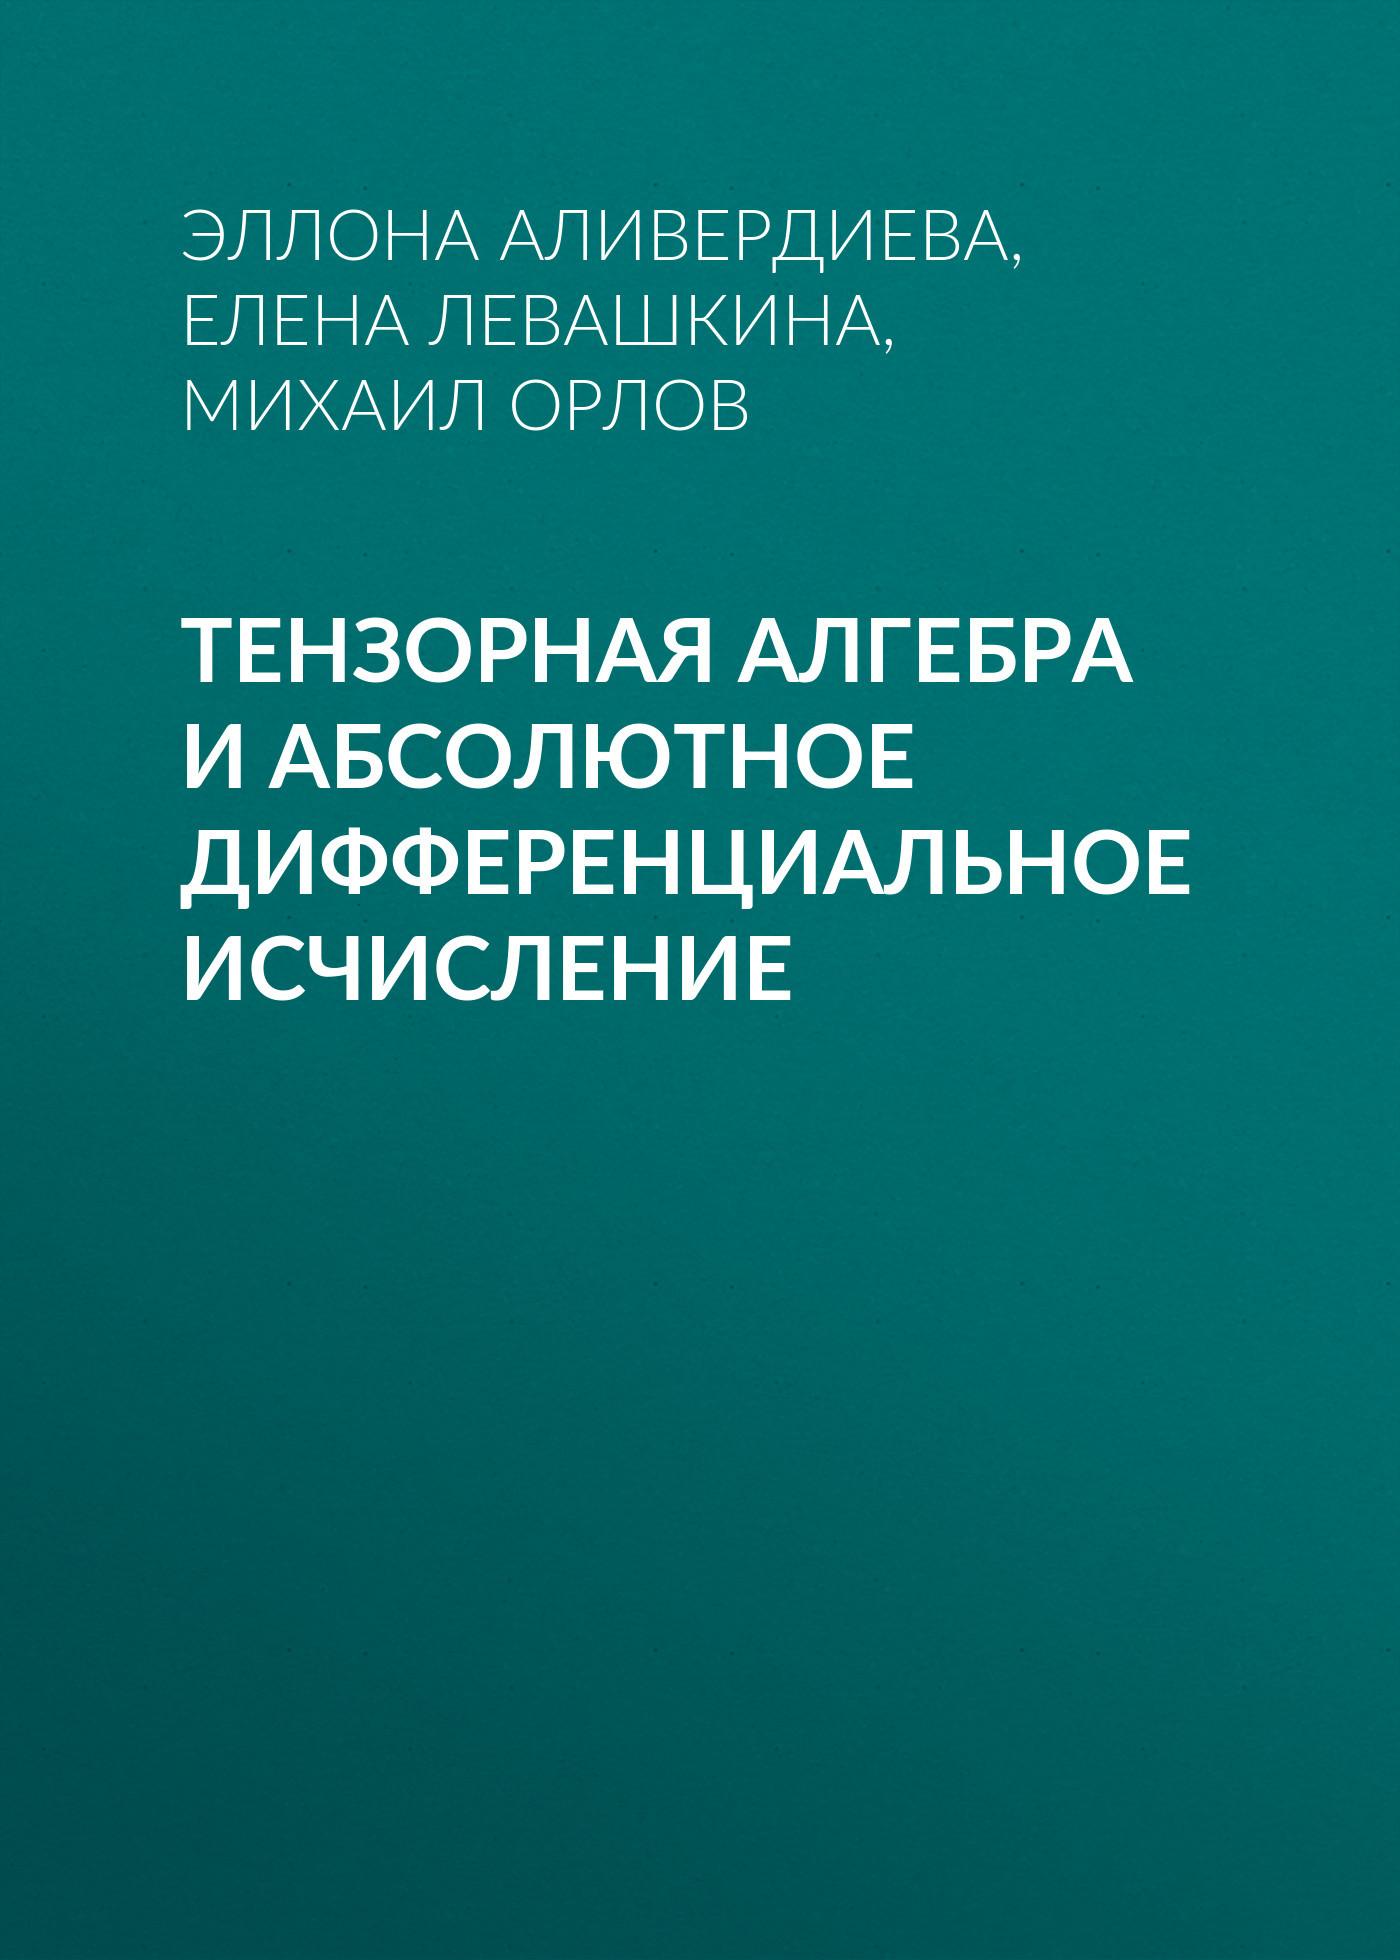 Елена Левашкина. Тензорная алгебра и абсолютное дифференциальное исчисление